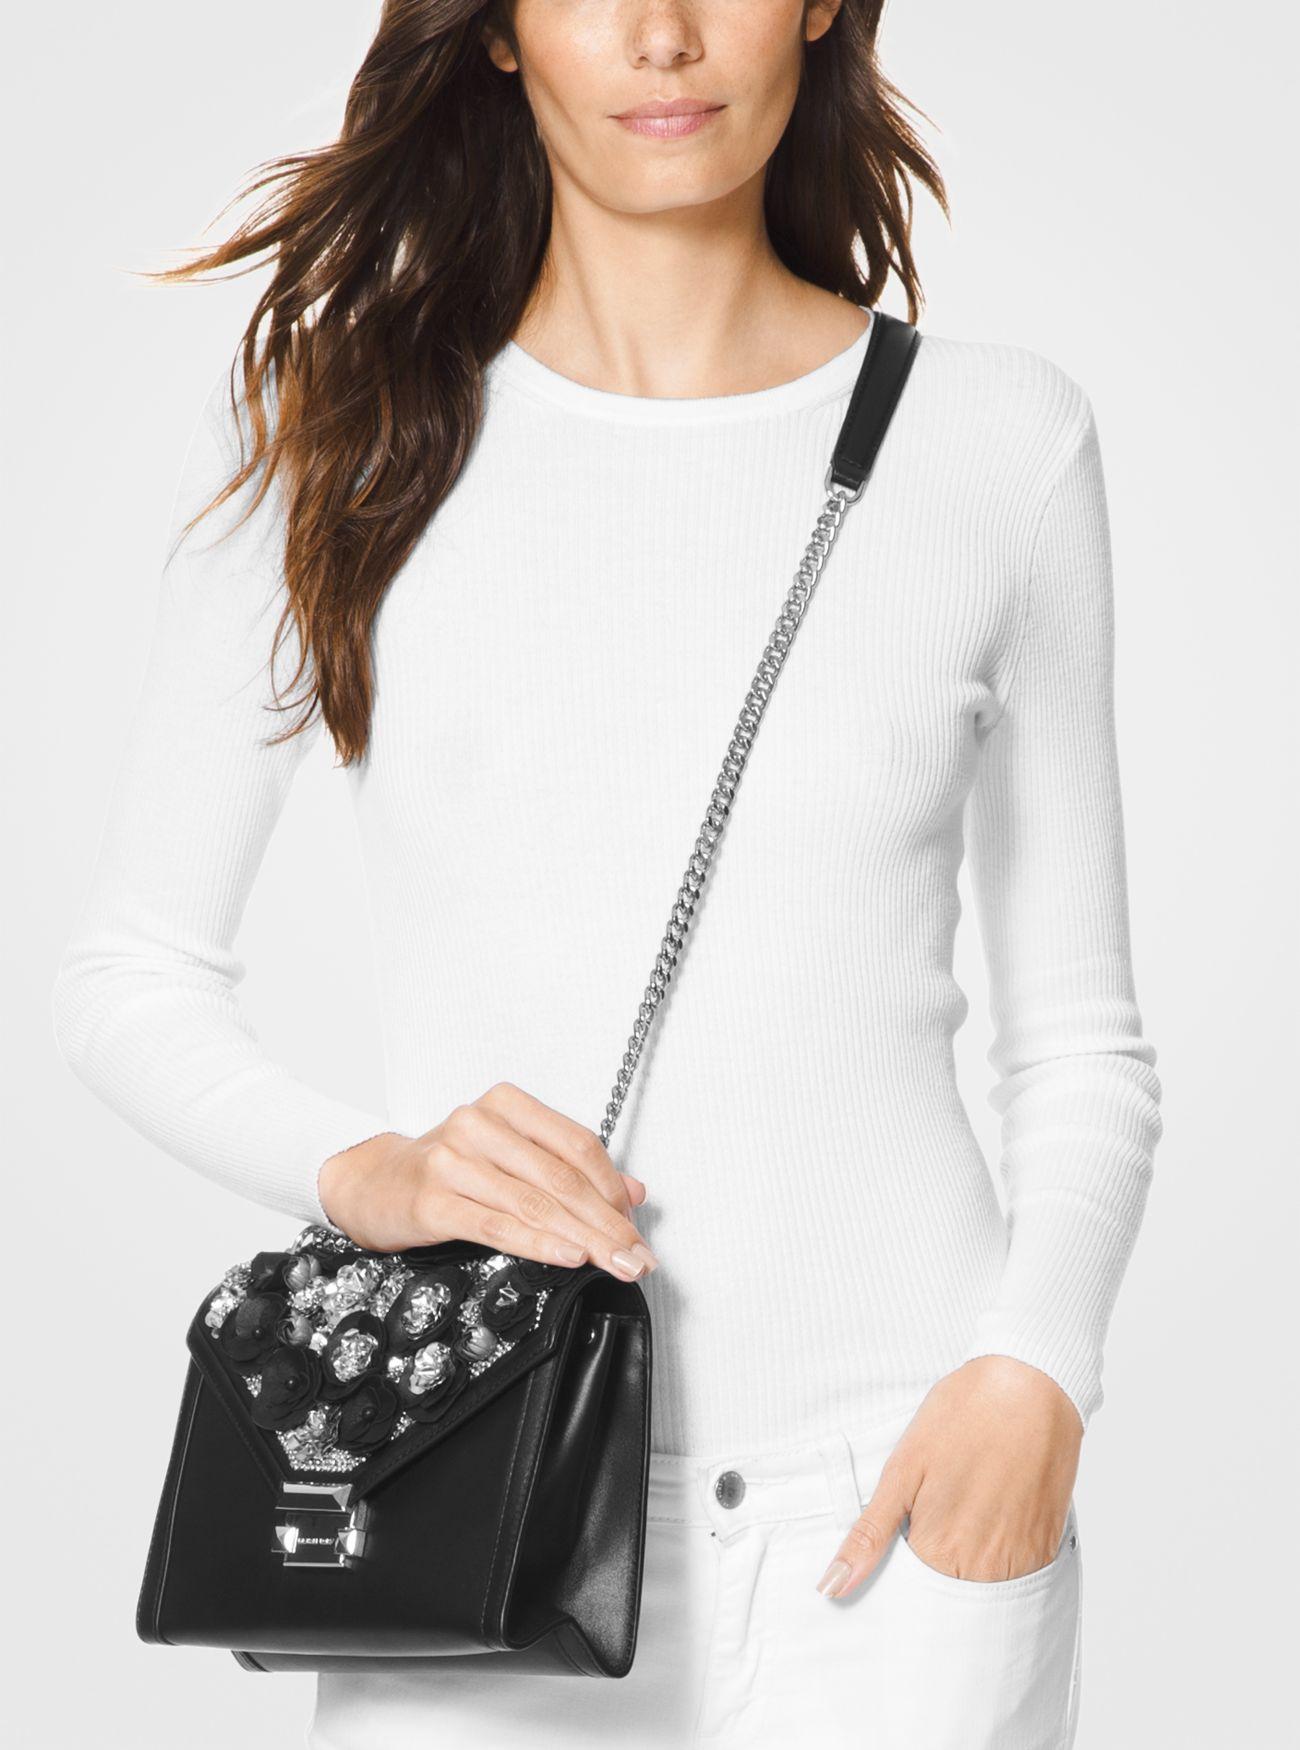 6da5bd64d7a3 ... Large Floral Embellished Leather Convertible Shoulder Bag Whitney Large  Floral Embellished Leather Convertible Shoulder Bag. MICHAEL Michael Kors